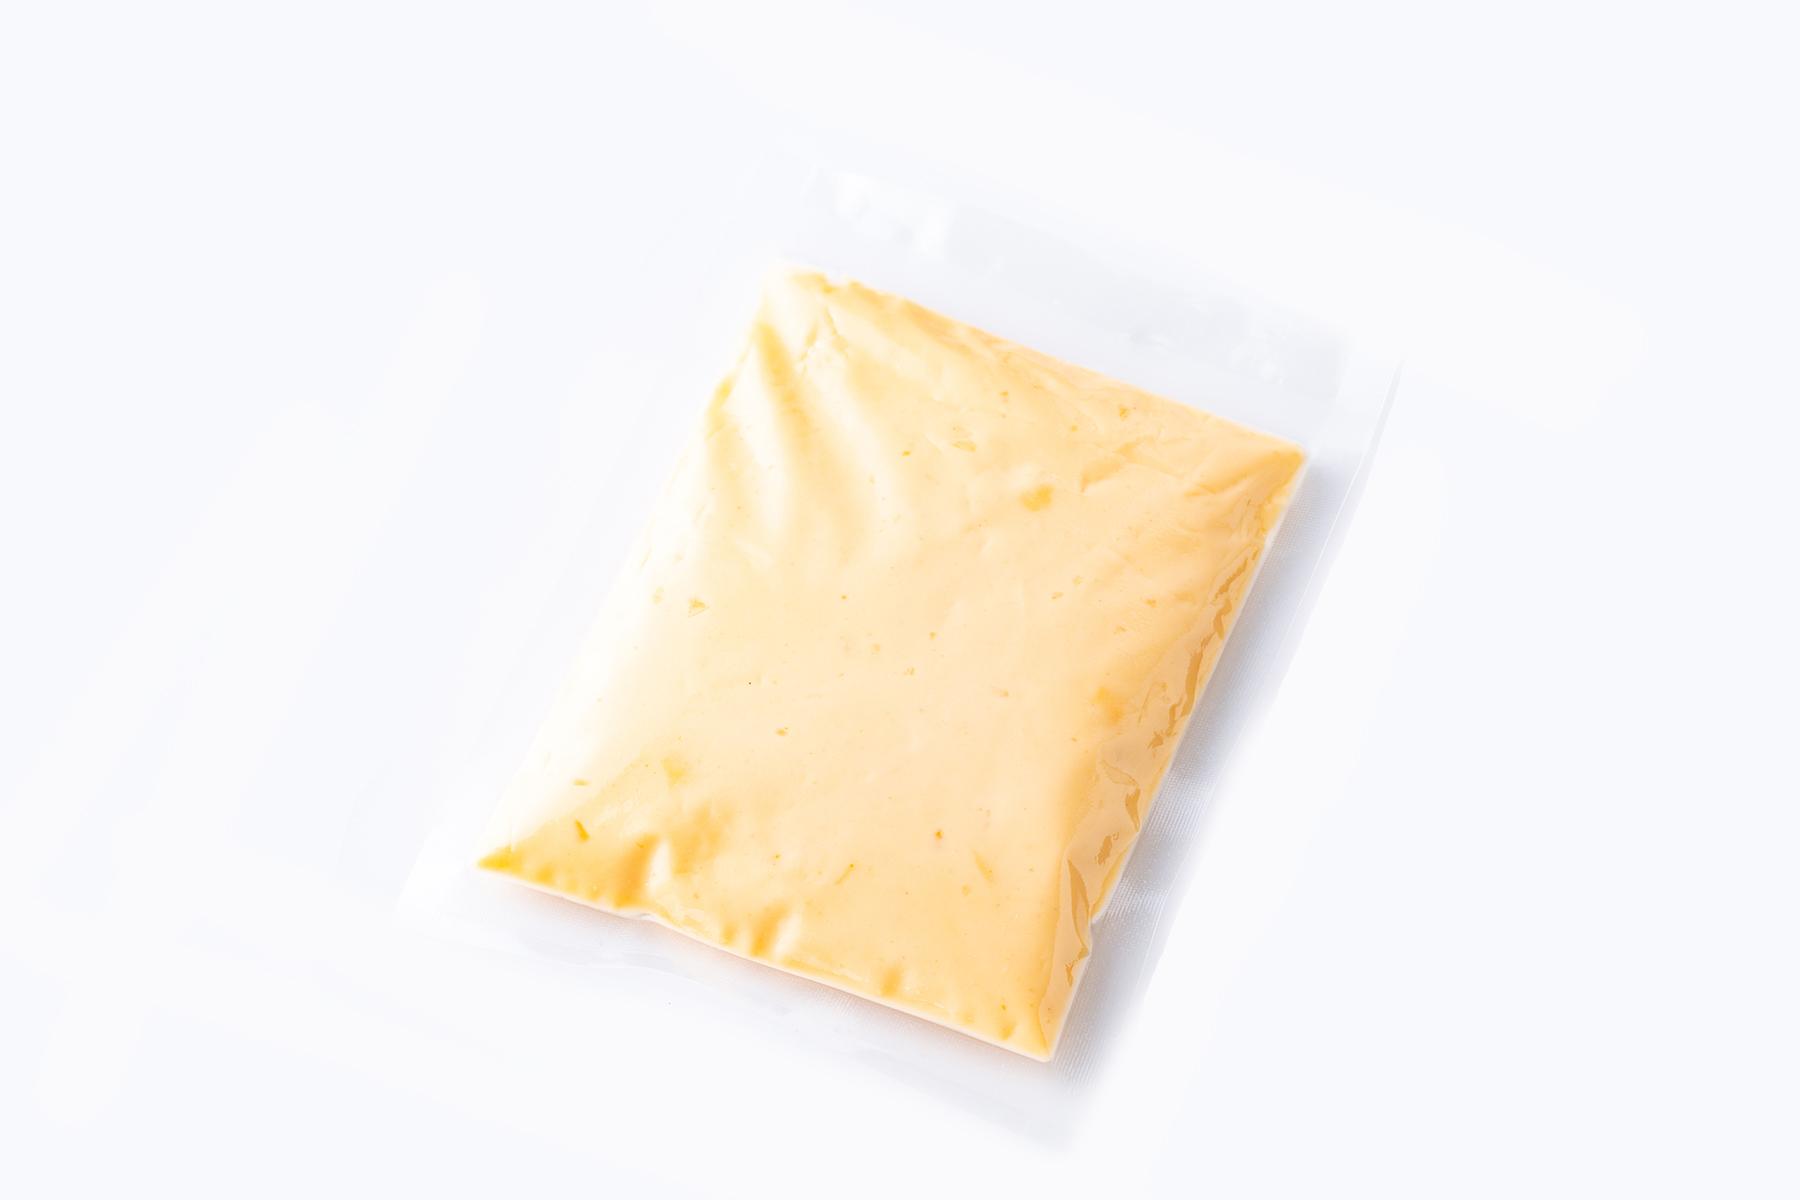 ヴェルサーレ自家製ウニ風味のクリームソース